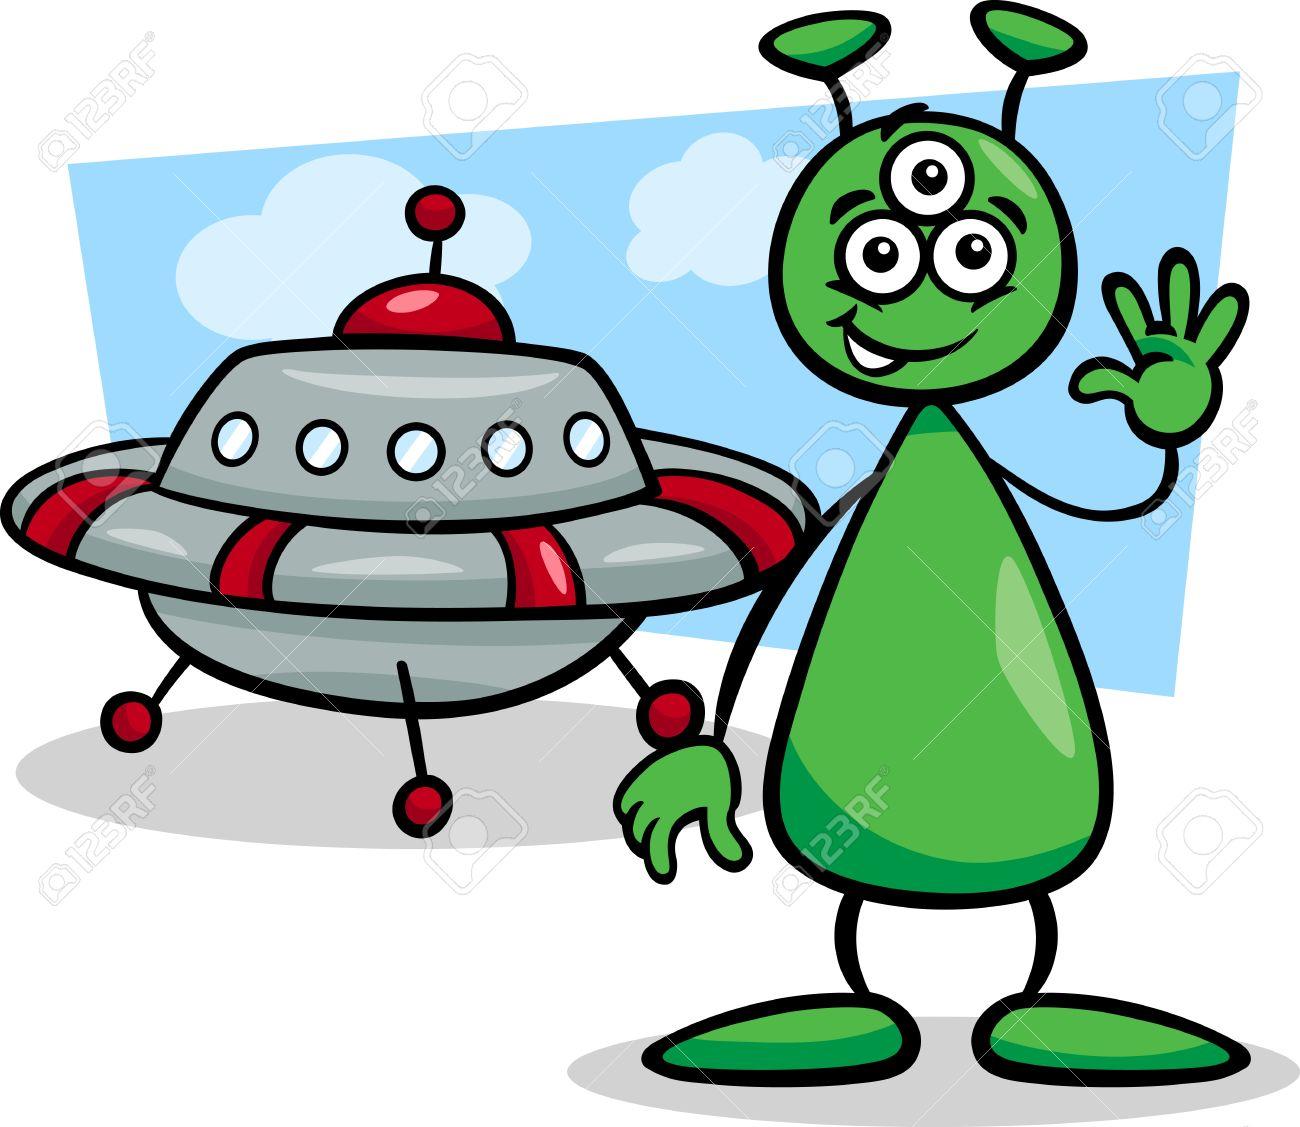 1300x1127 Mars Spaceship Clipart, Explore Pictures